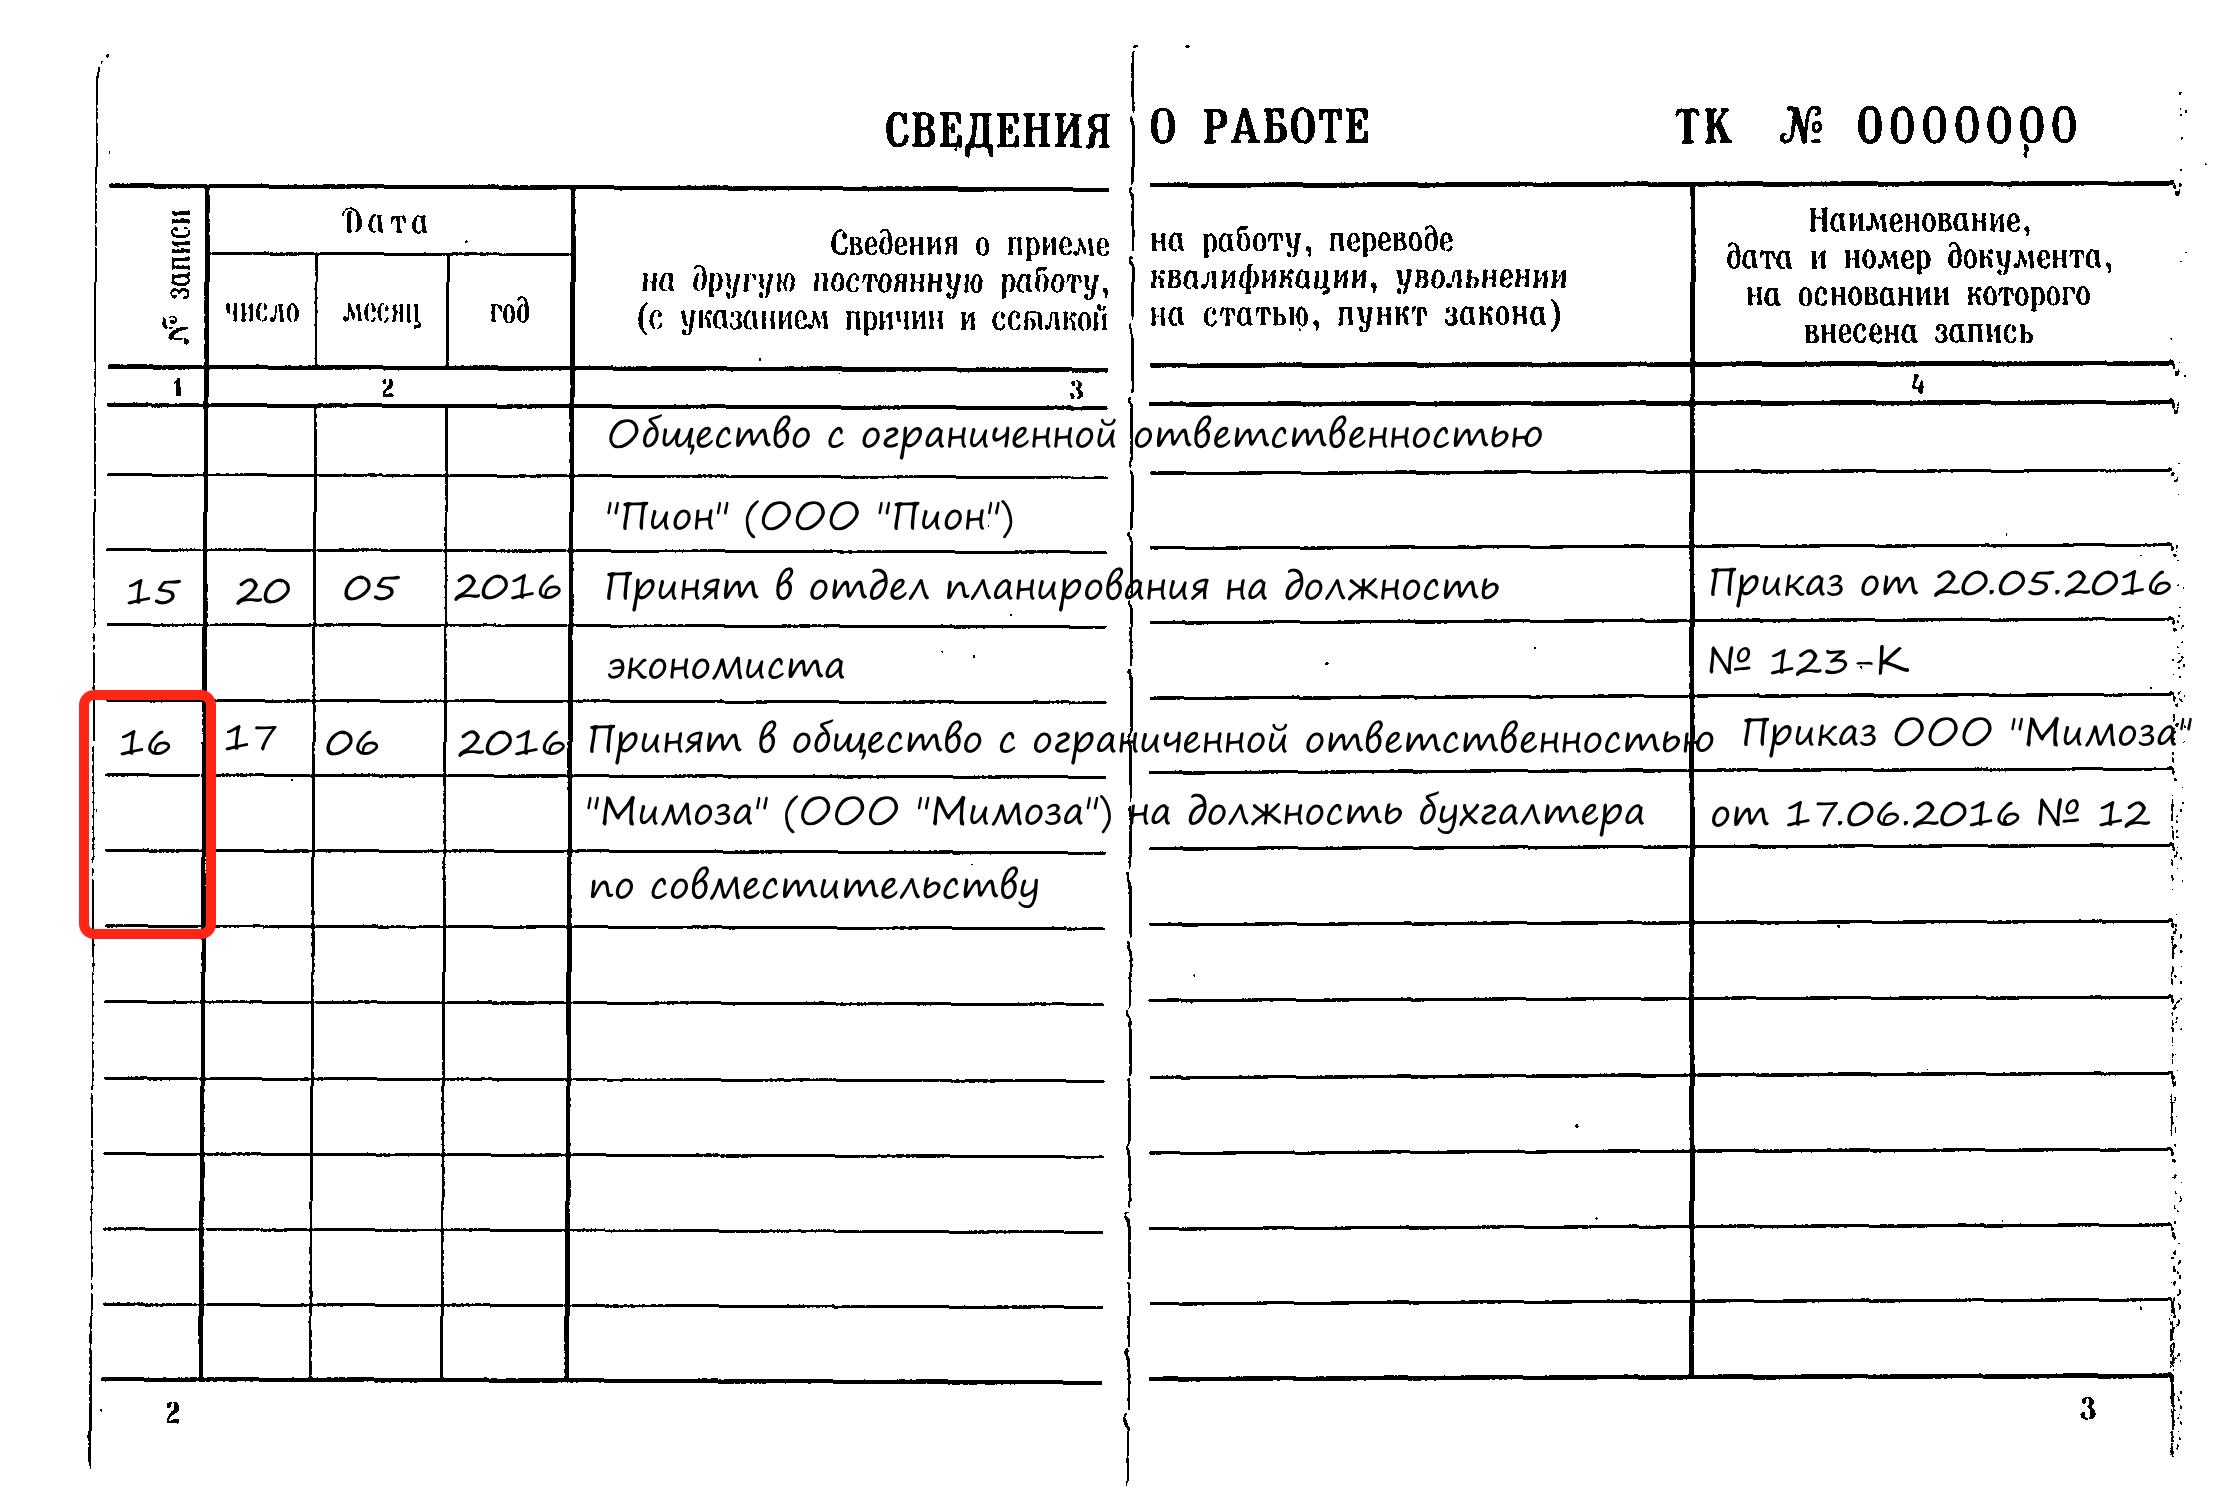 Изображение - Оформление записи об увольнении совместителя в трудовую книжку 2